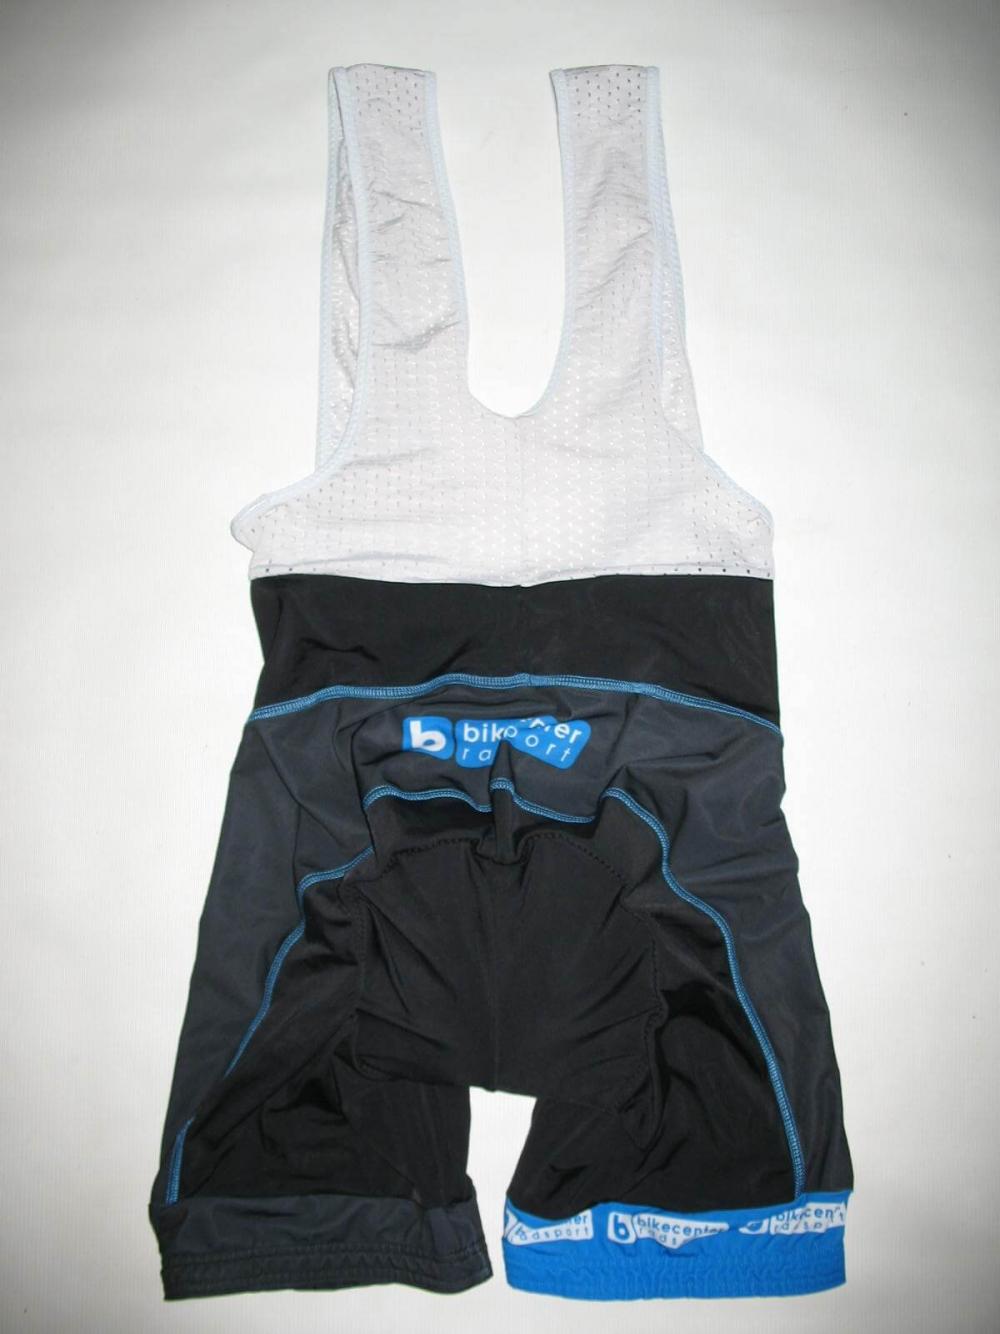 Веломайка+шорты NONAME -b- jersey+bib shorts (размер 4/M) - 5